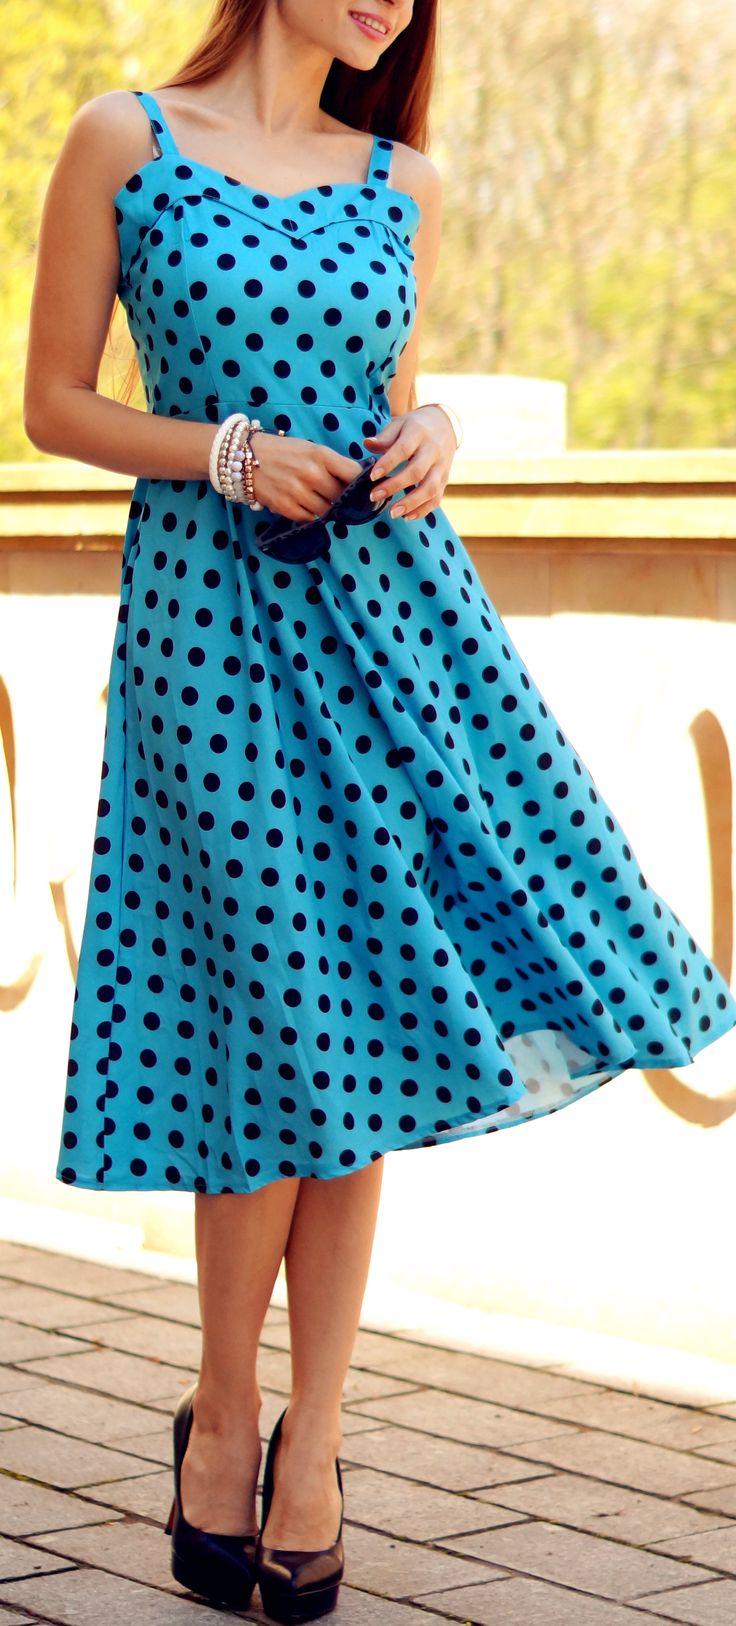 Vintage Sleeveless Sweetheart Neckline Polka Dot Dress For Women